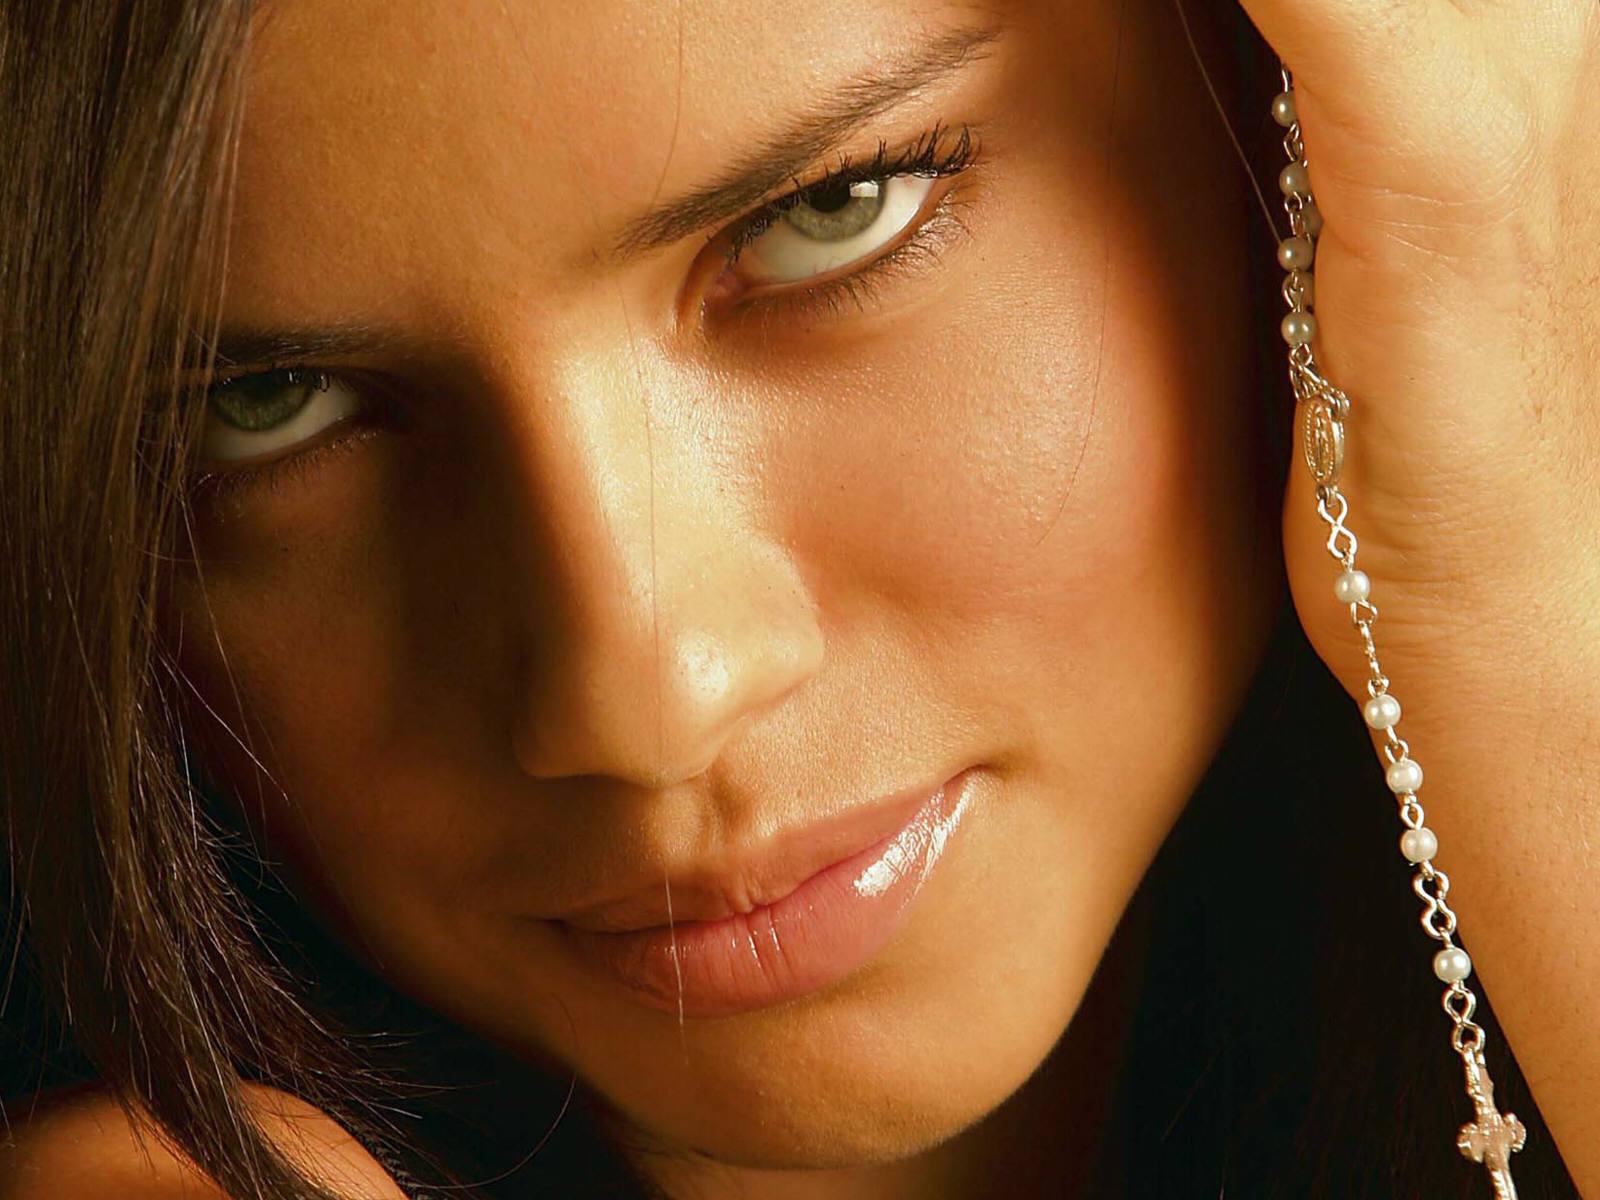 روابط نامشروع در چه زنانی زیاد است؟